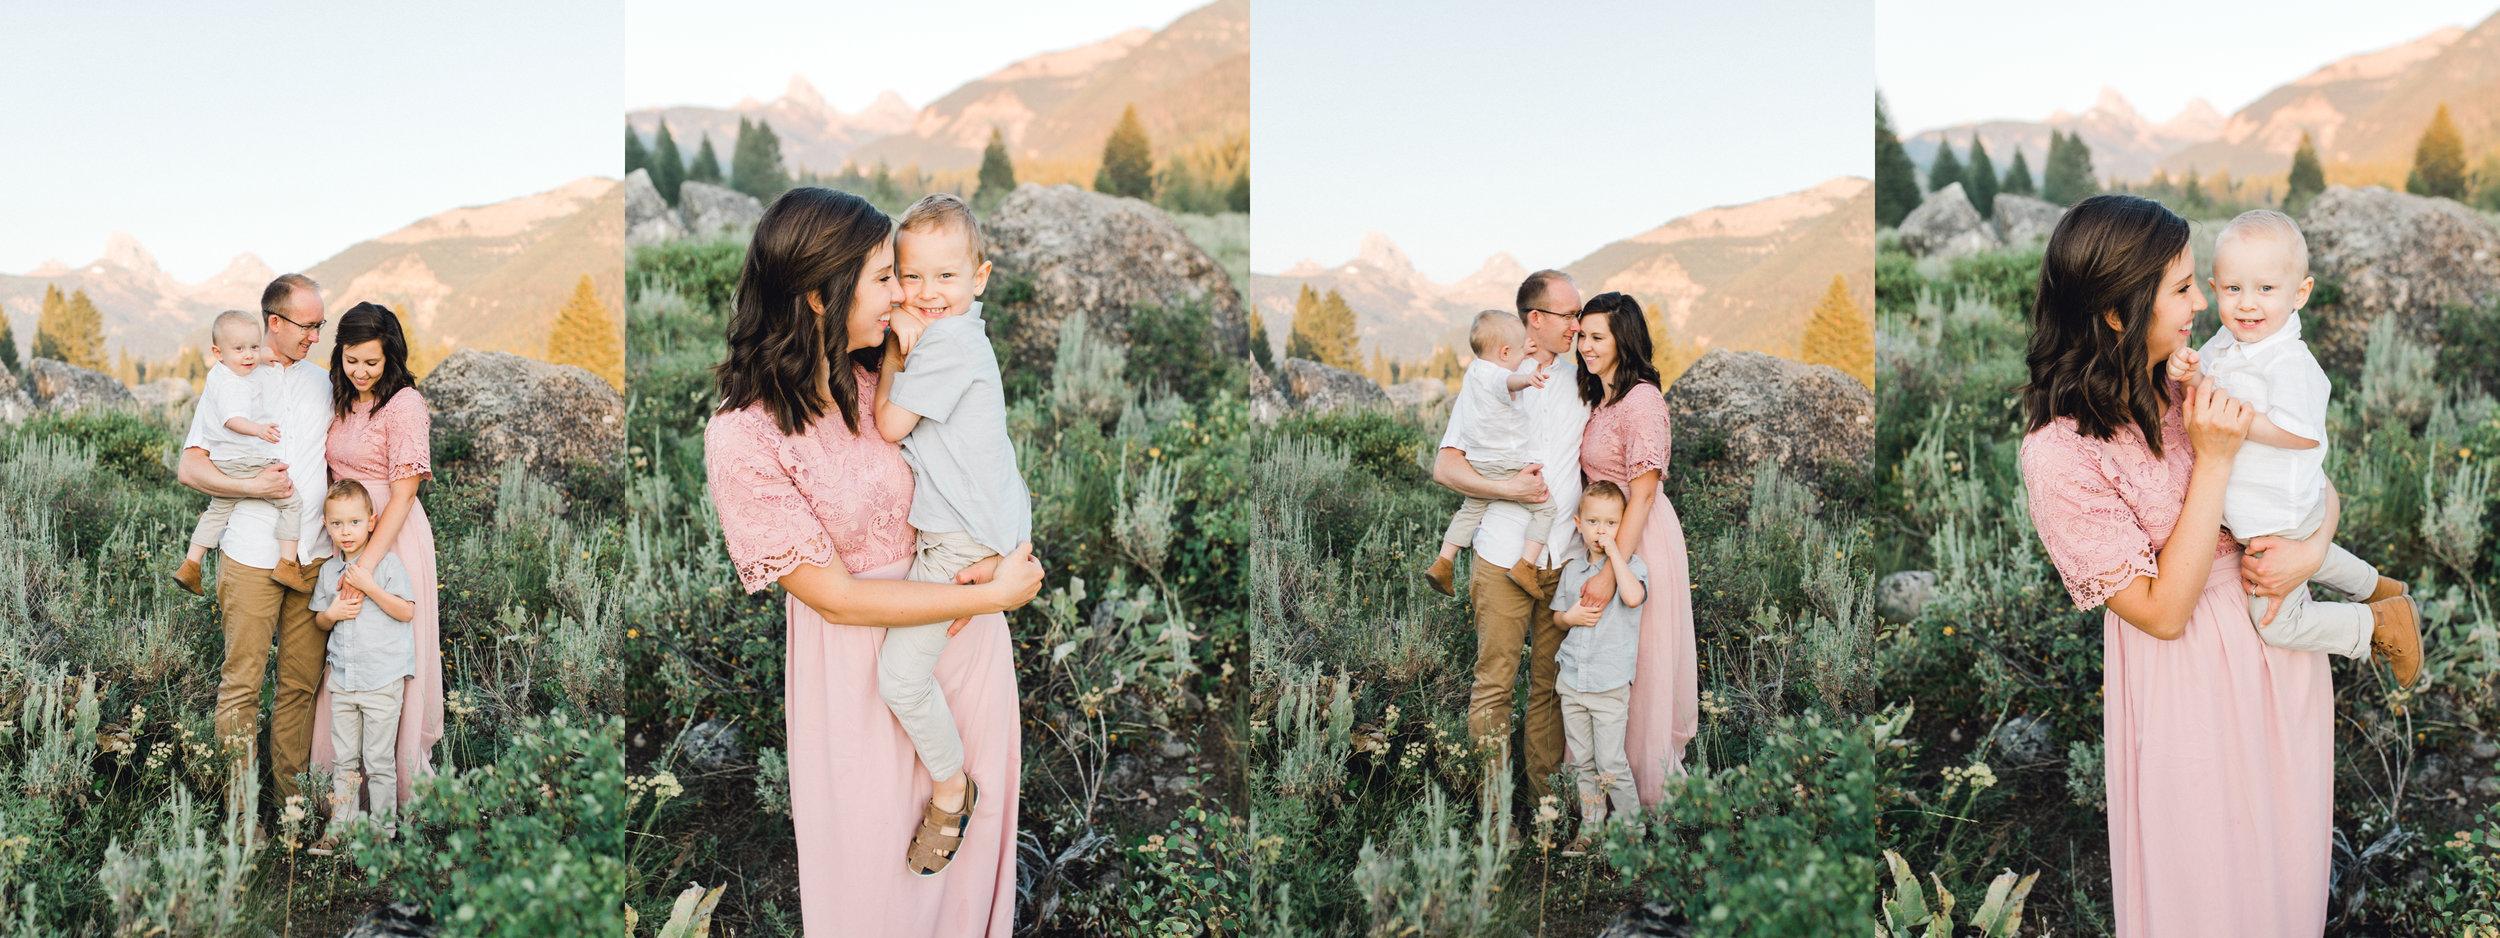 teton-mountain-family-photography-alta-wyoming-driggs-idaho-rexburg-idaho-family-photographer14.jpg